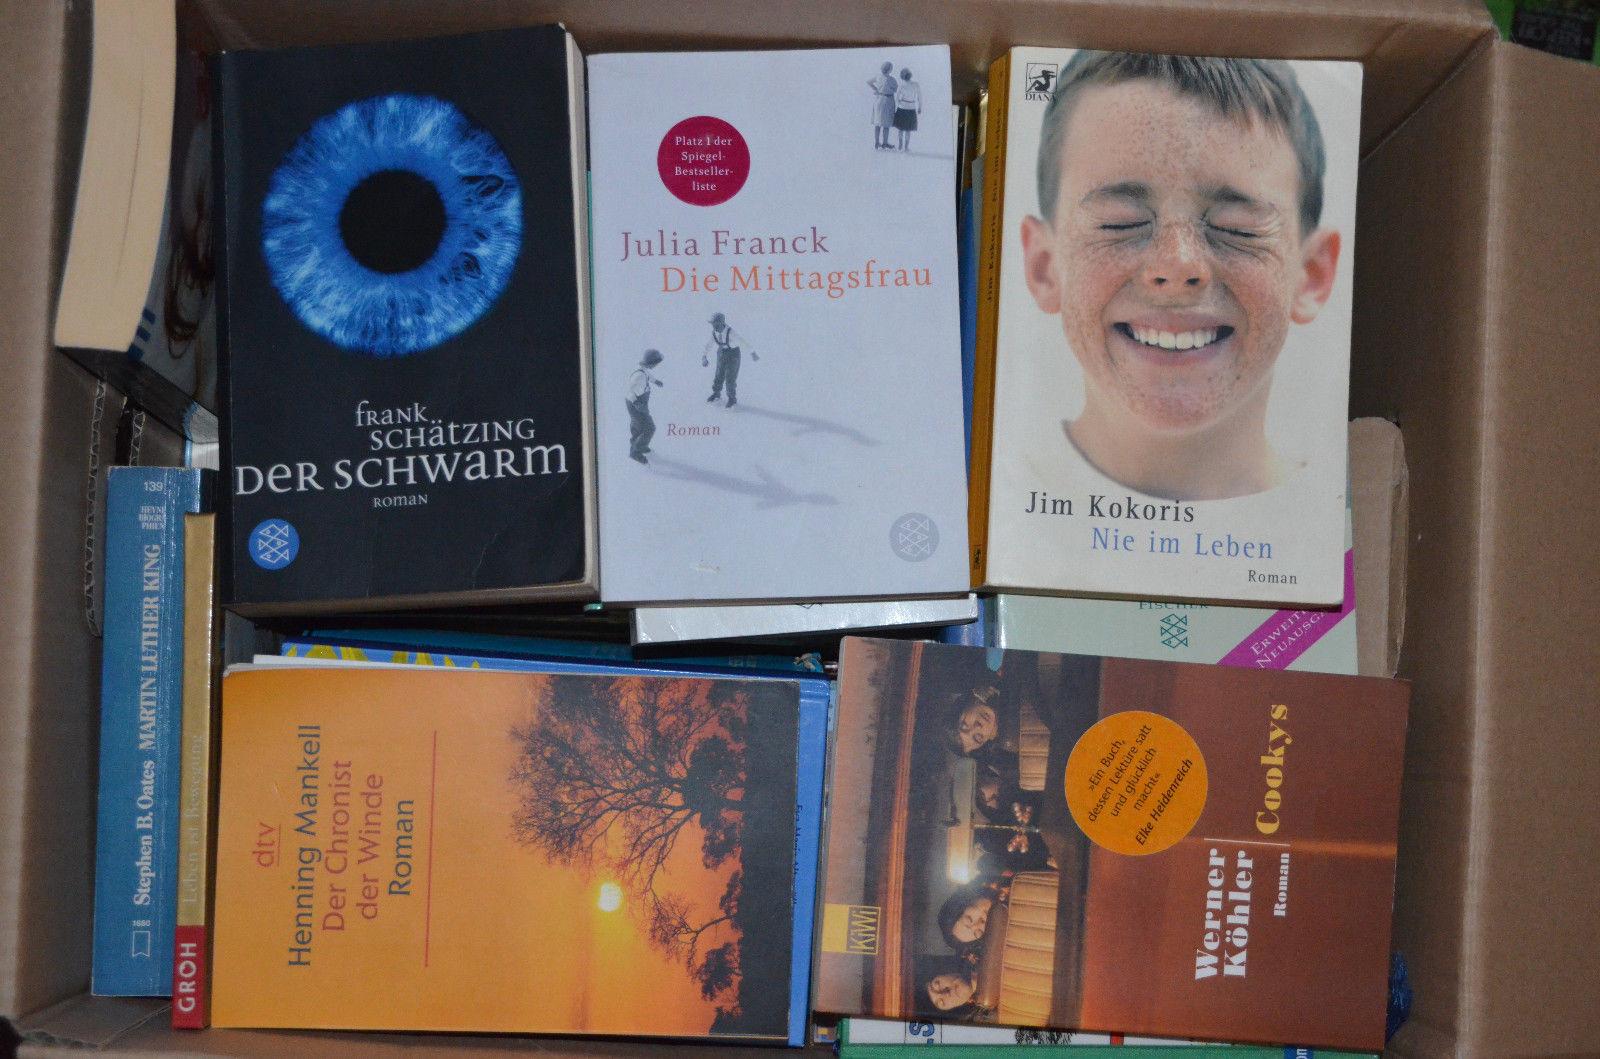 Tolles Paket mit 77 tollen Büchern Romane, Aktion, Krimis, Humor, Spannung